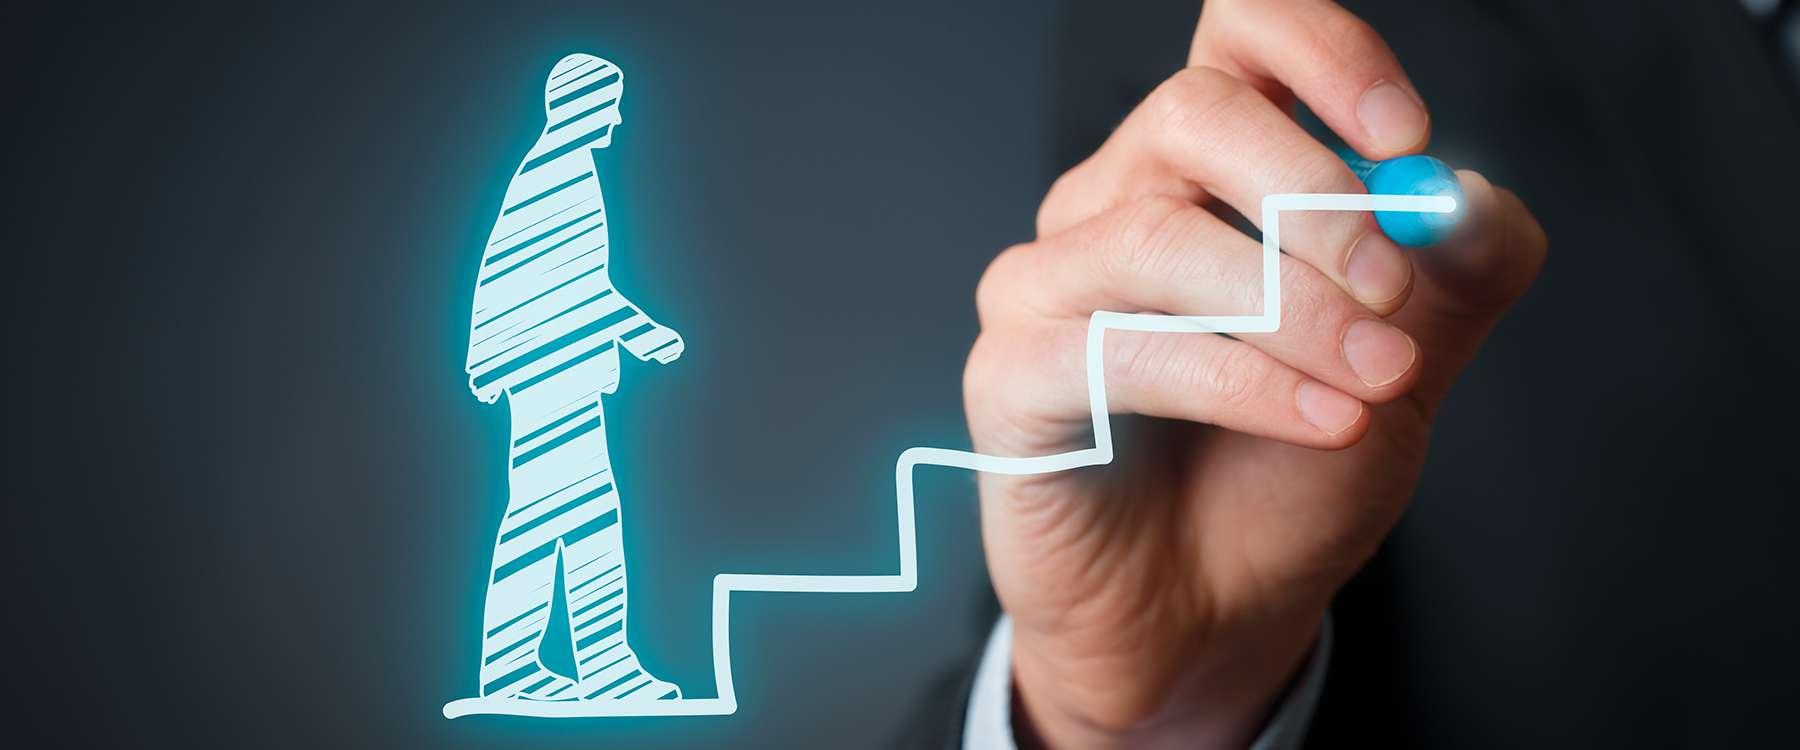 职场经理人如何应对国际化,做更好的自己